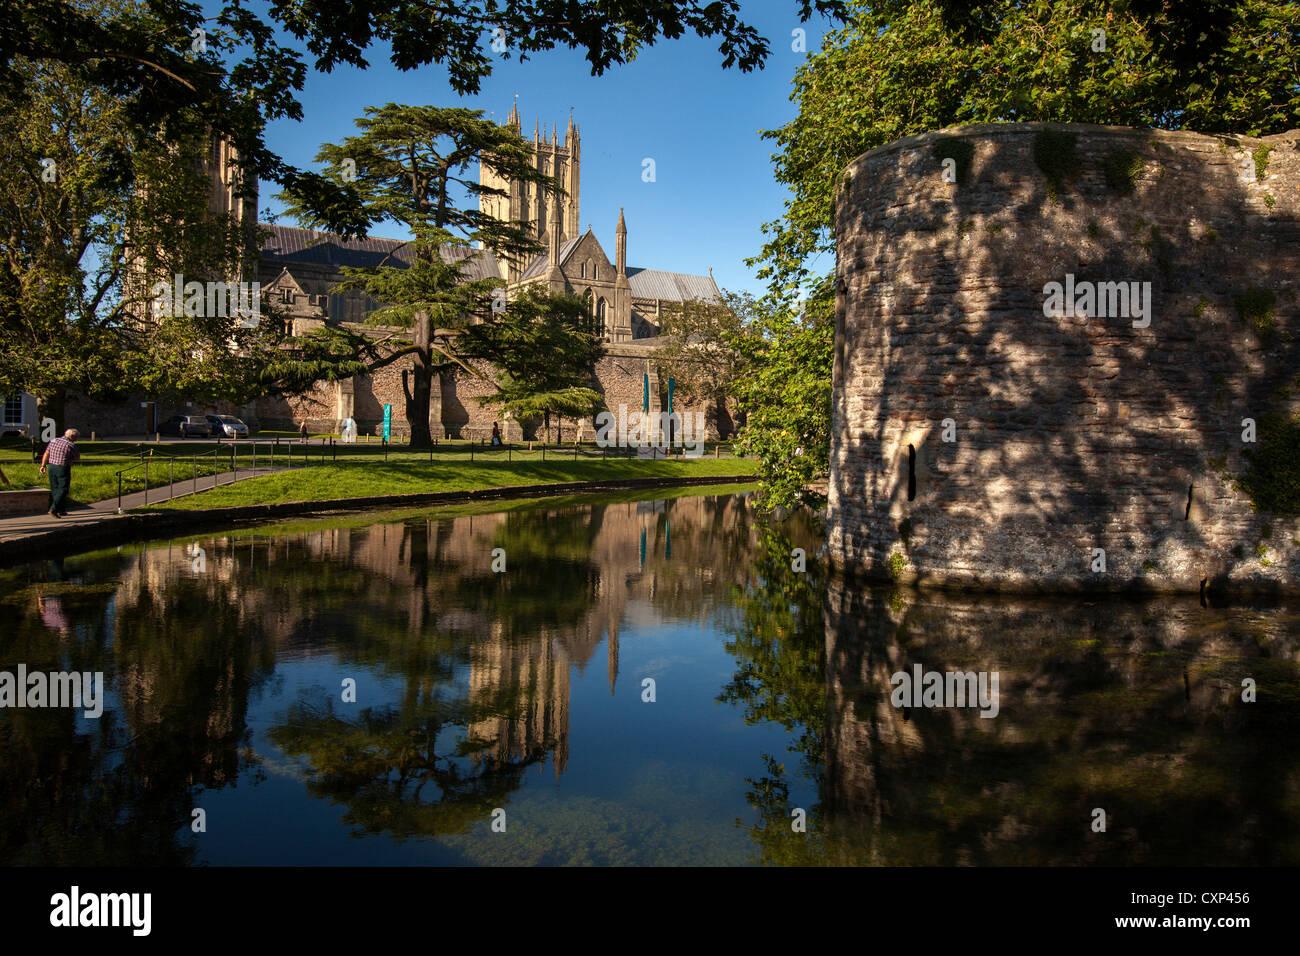 La vue de la cathédrale de Wells sur les douves qui entourent le palais des évêques Banque D'Images